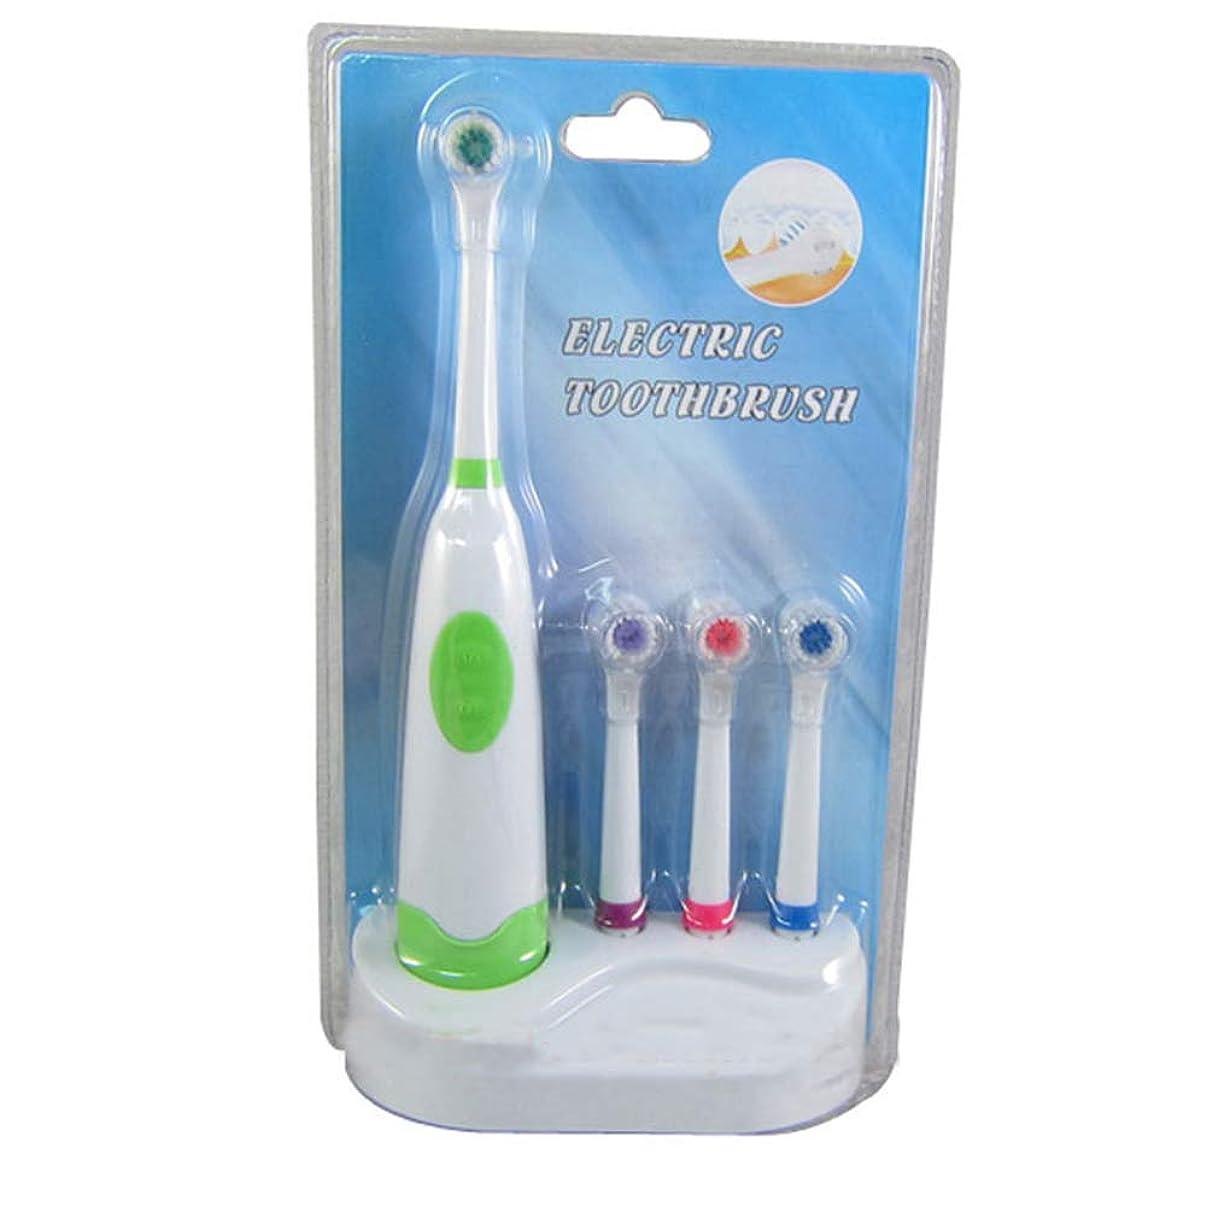 緊張する議論する優しい回転式自動電動歯ブラシ、超音波防水オーラルクリーニング、4ブラシヘッド4個付きベースシールド(バッテリーなし),A